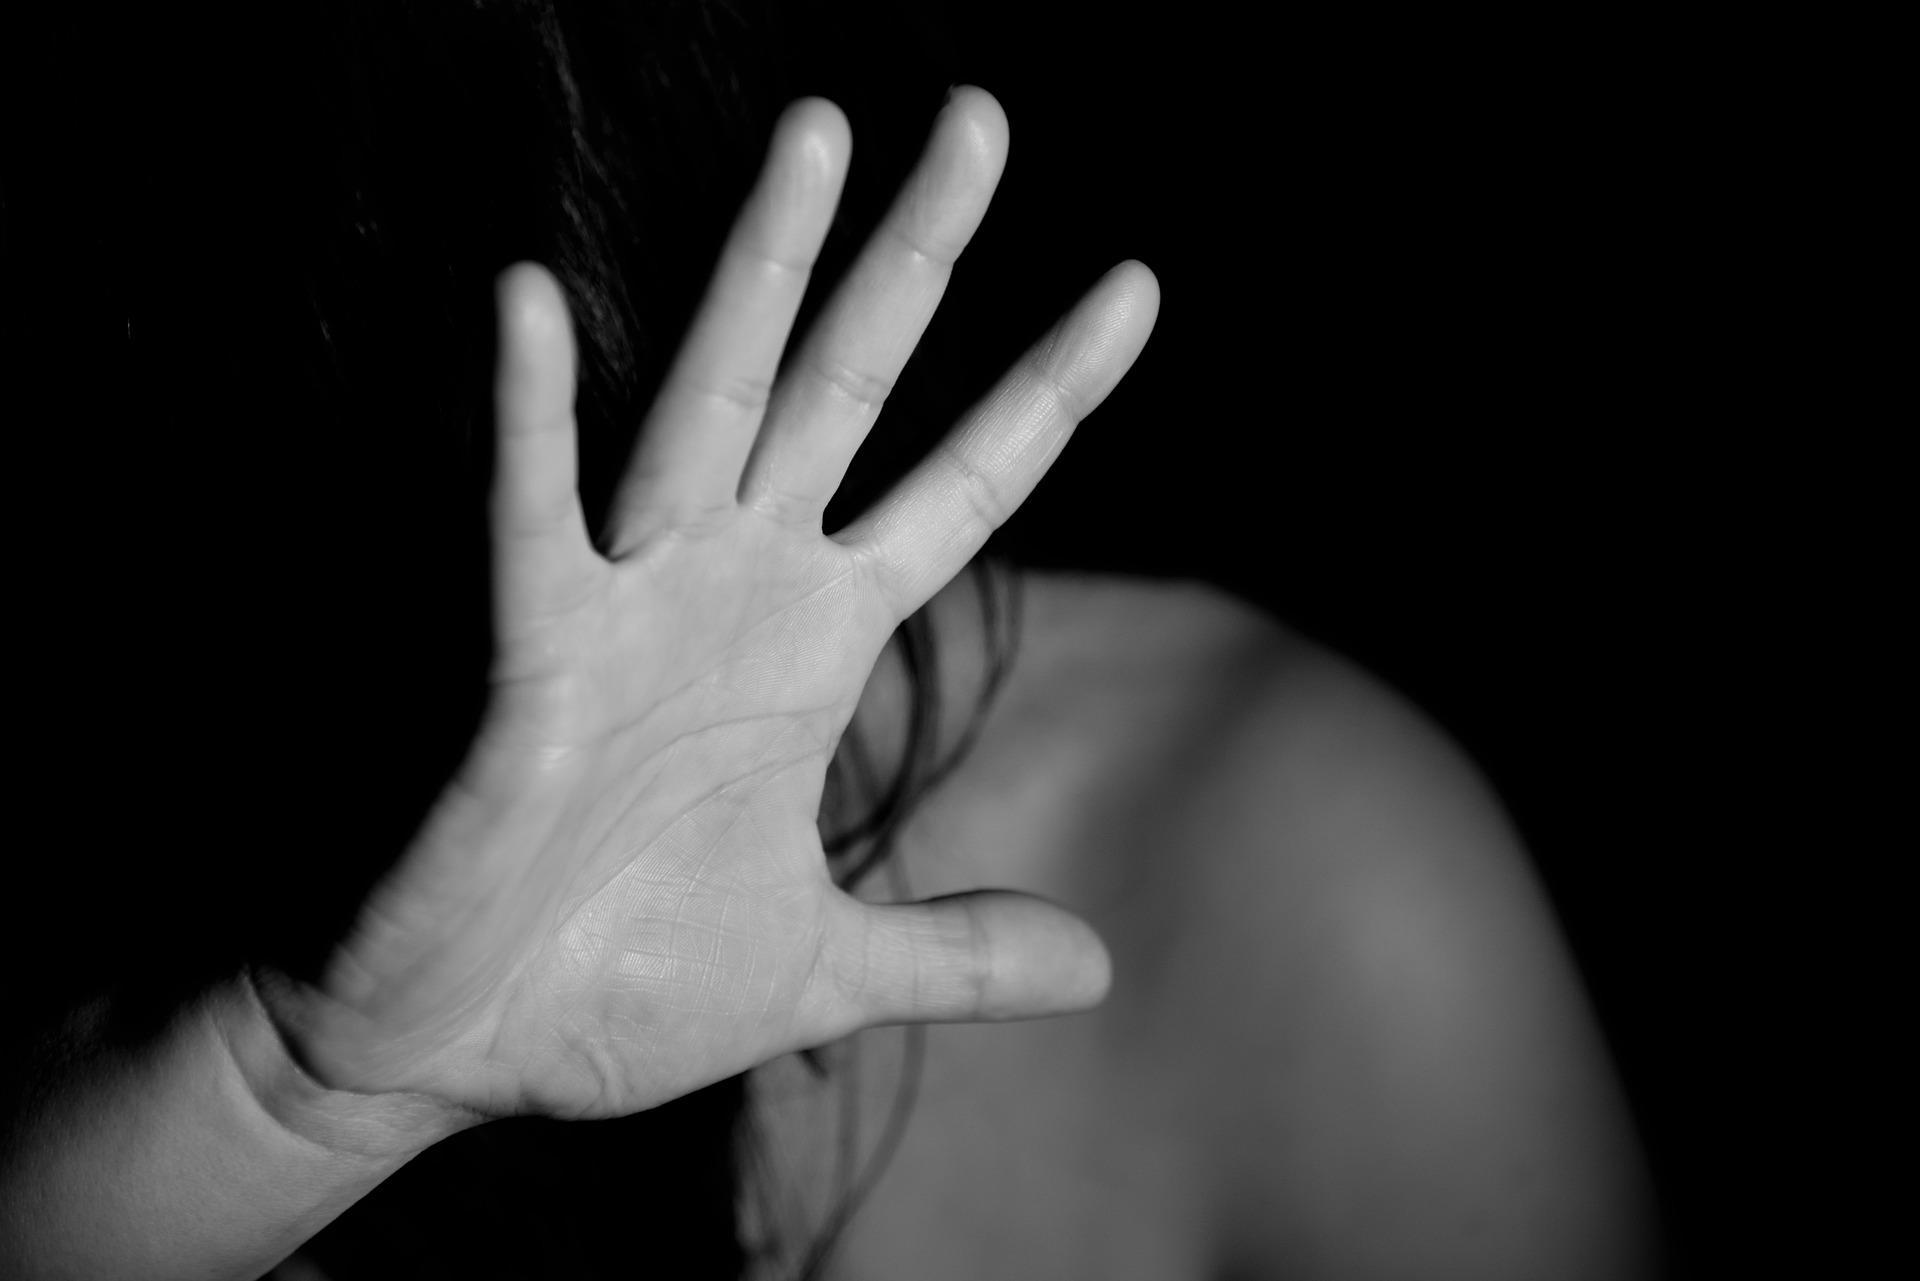 Жителя Алтайского края приговорили к 18 годам лишения свободы за серию изнасилований дочерей